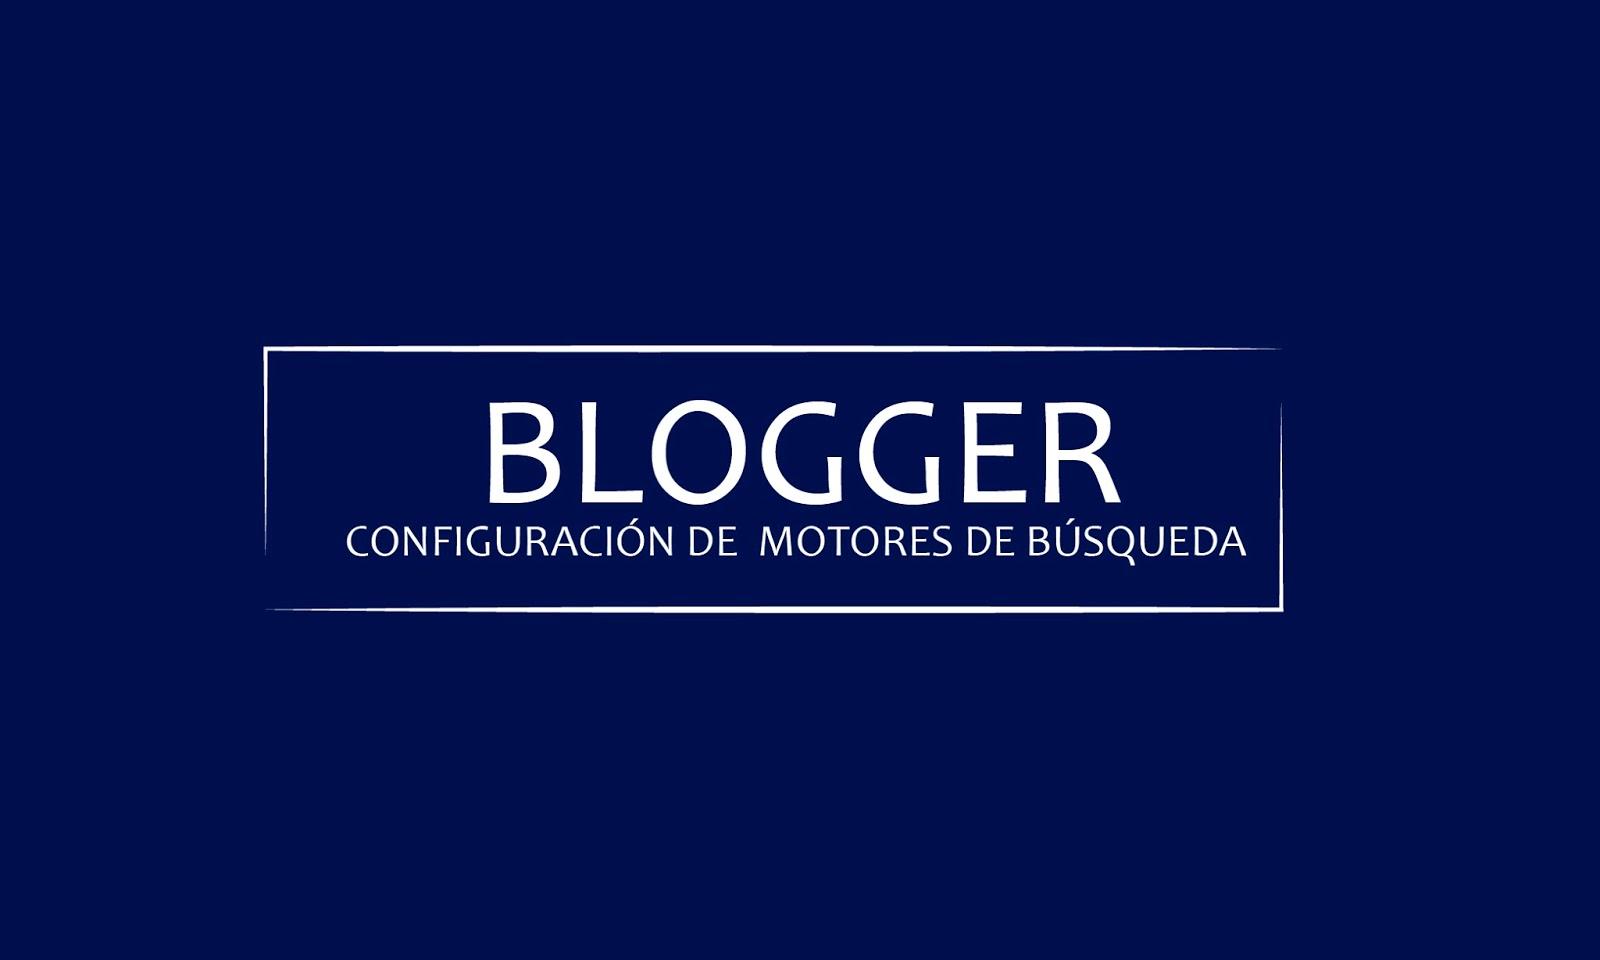 Blogger: Configuración de Motores de Búsqueda